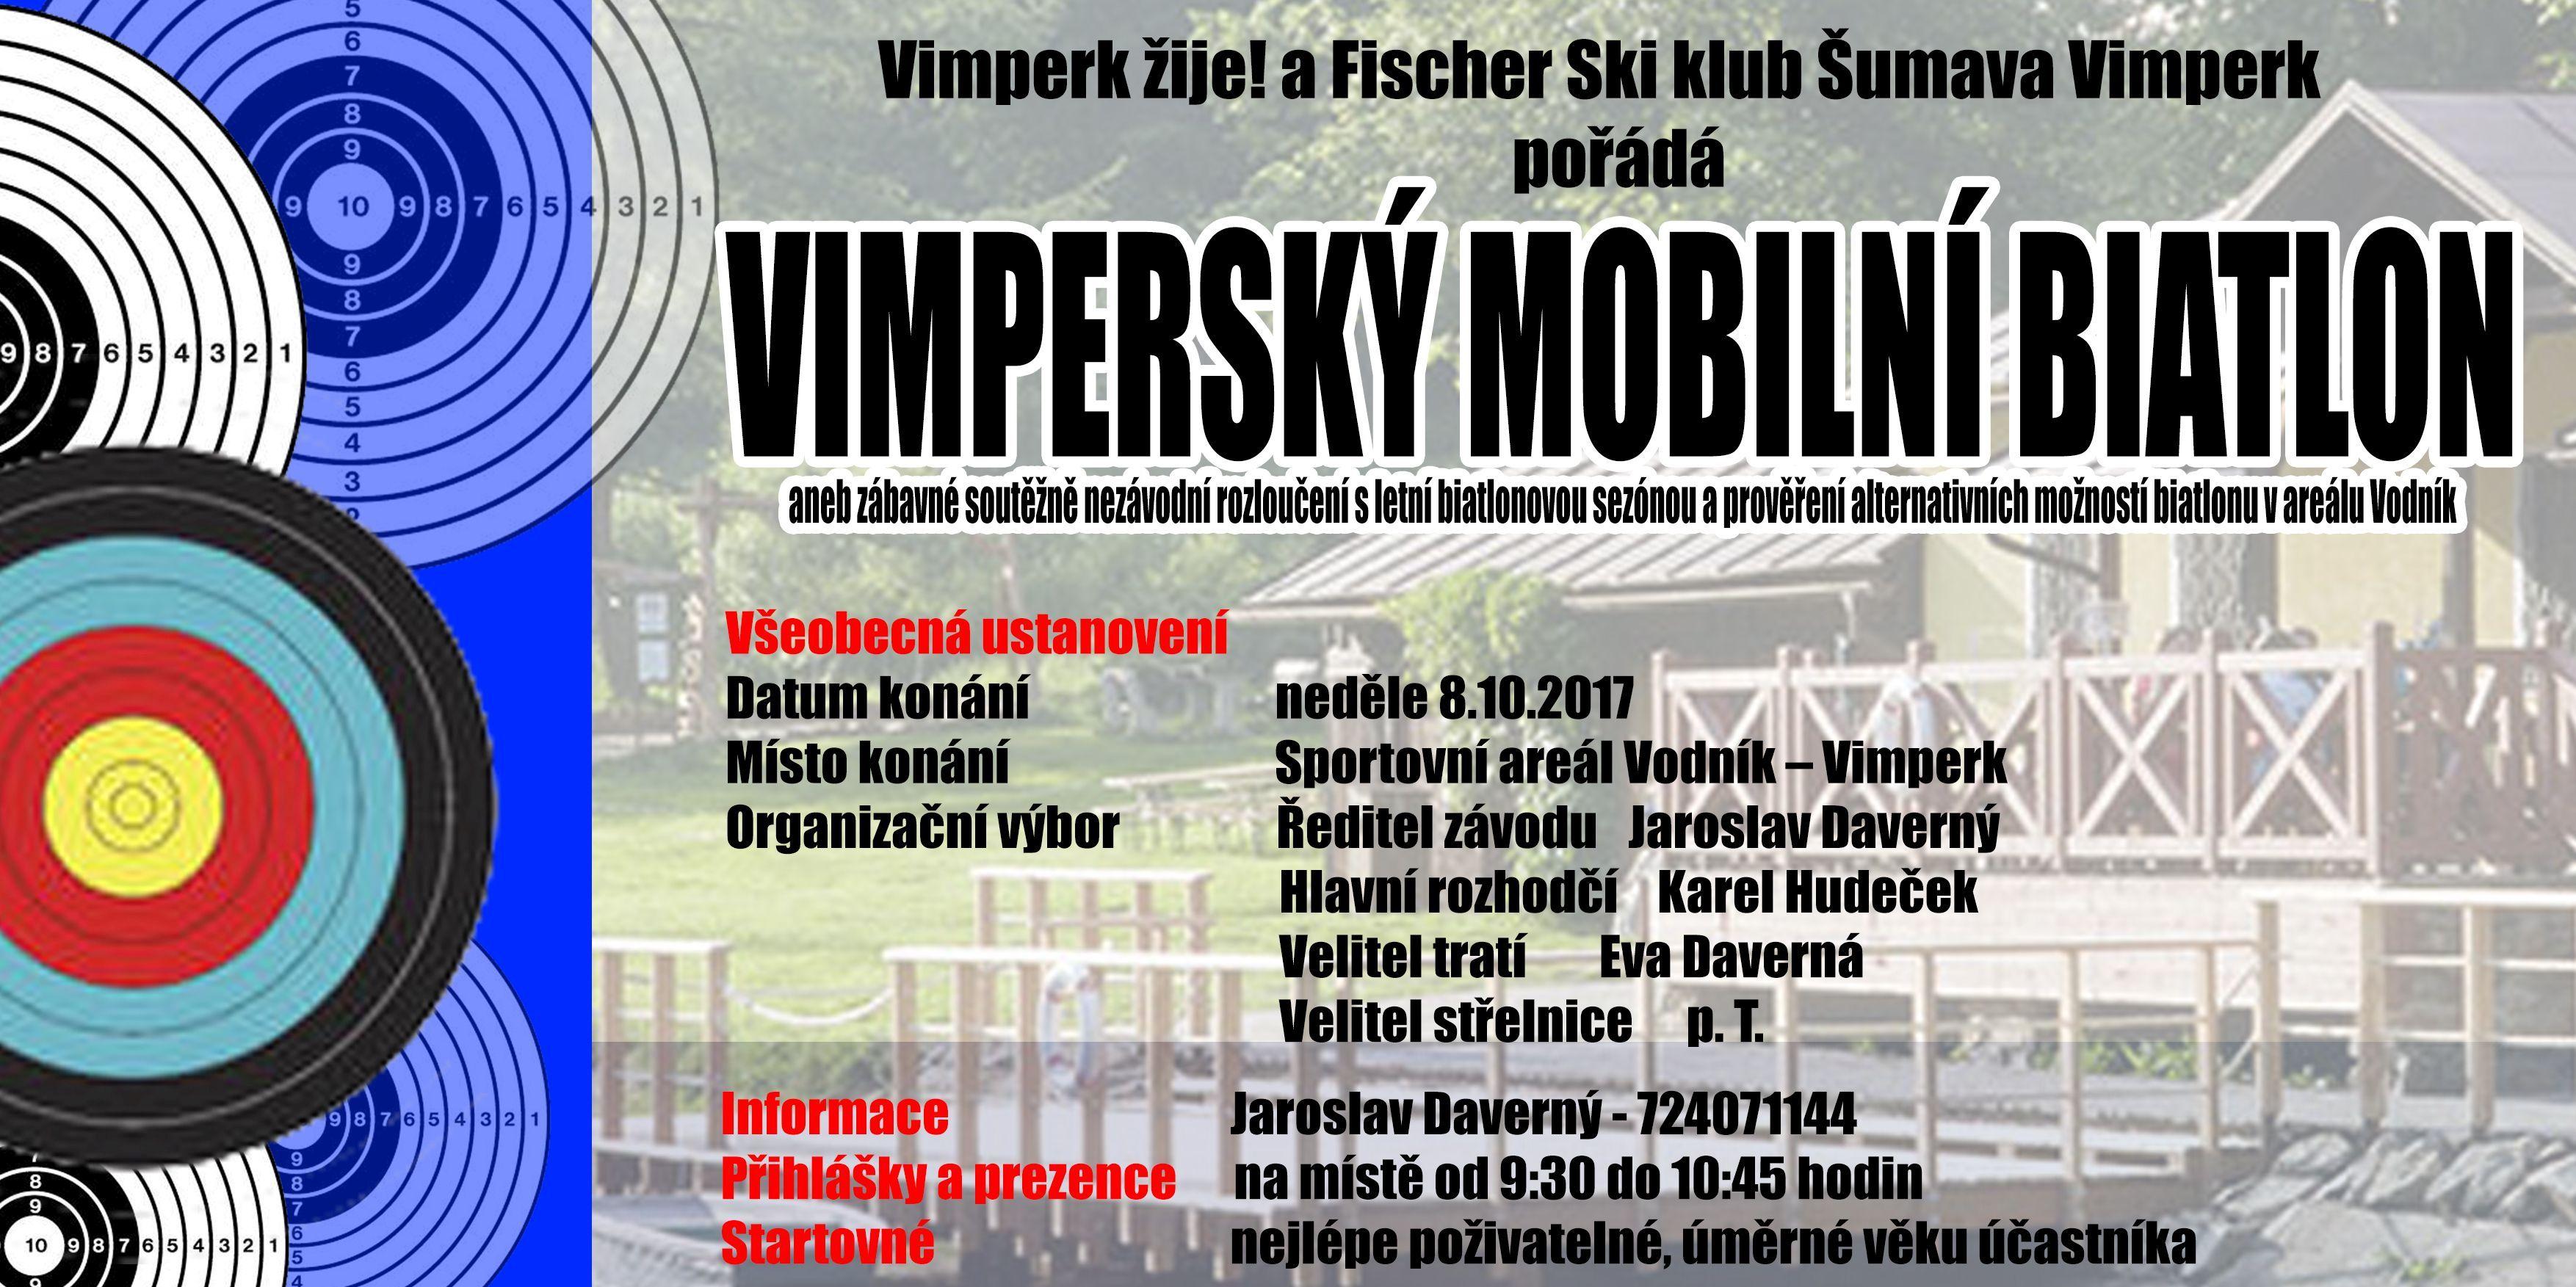 Pozvánka na Vimperský Mobilní Biatlon